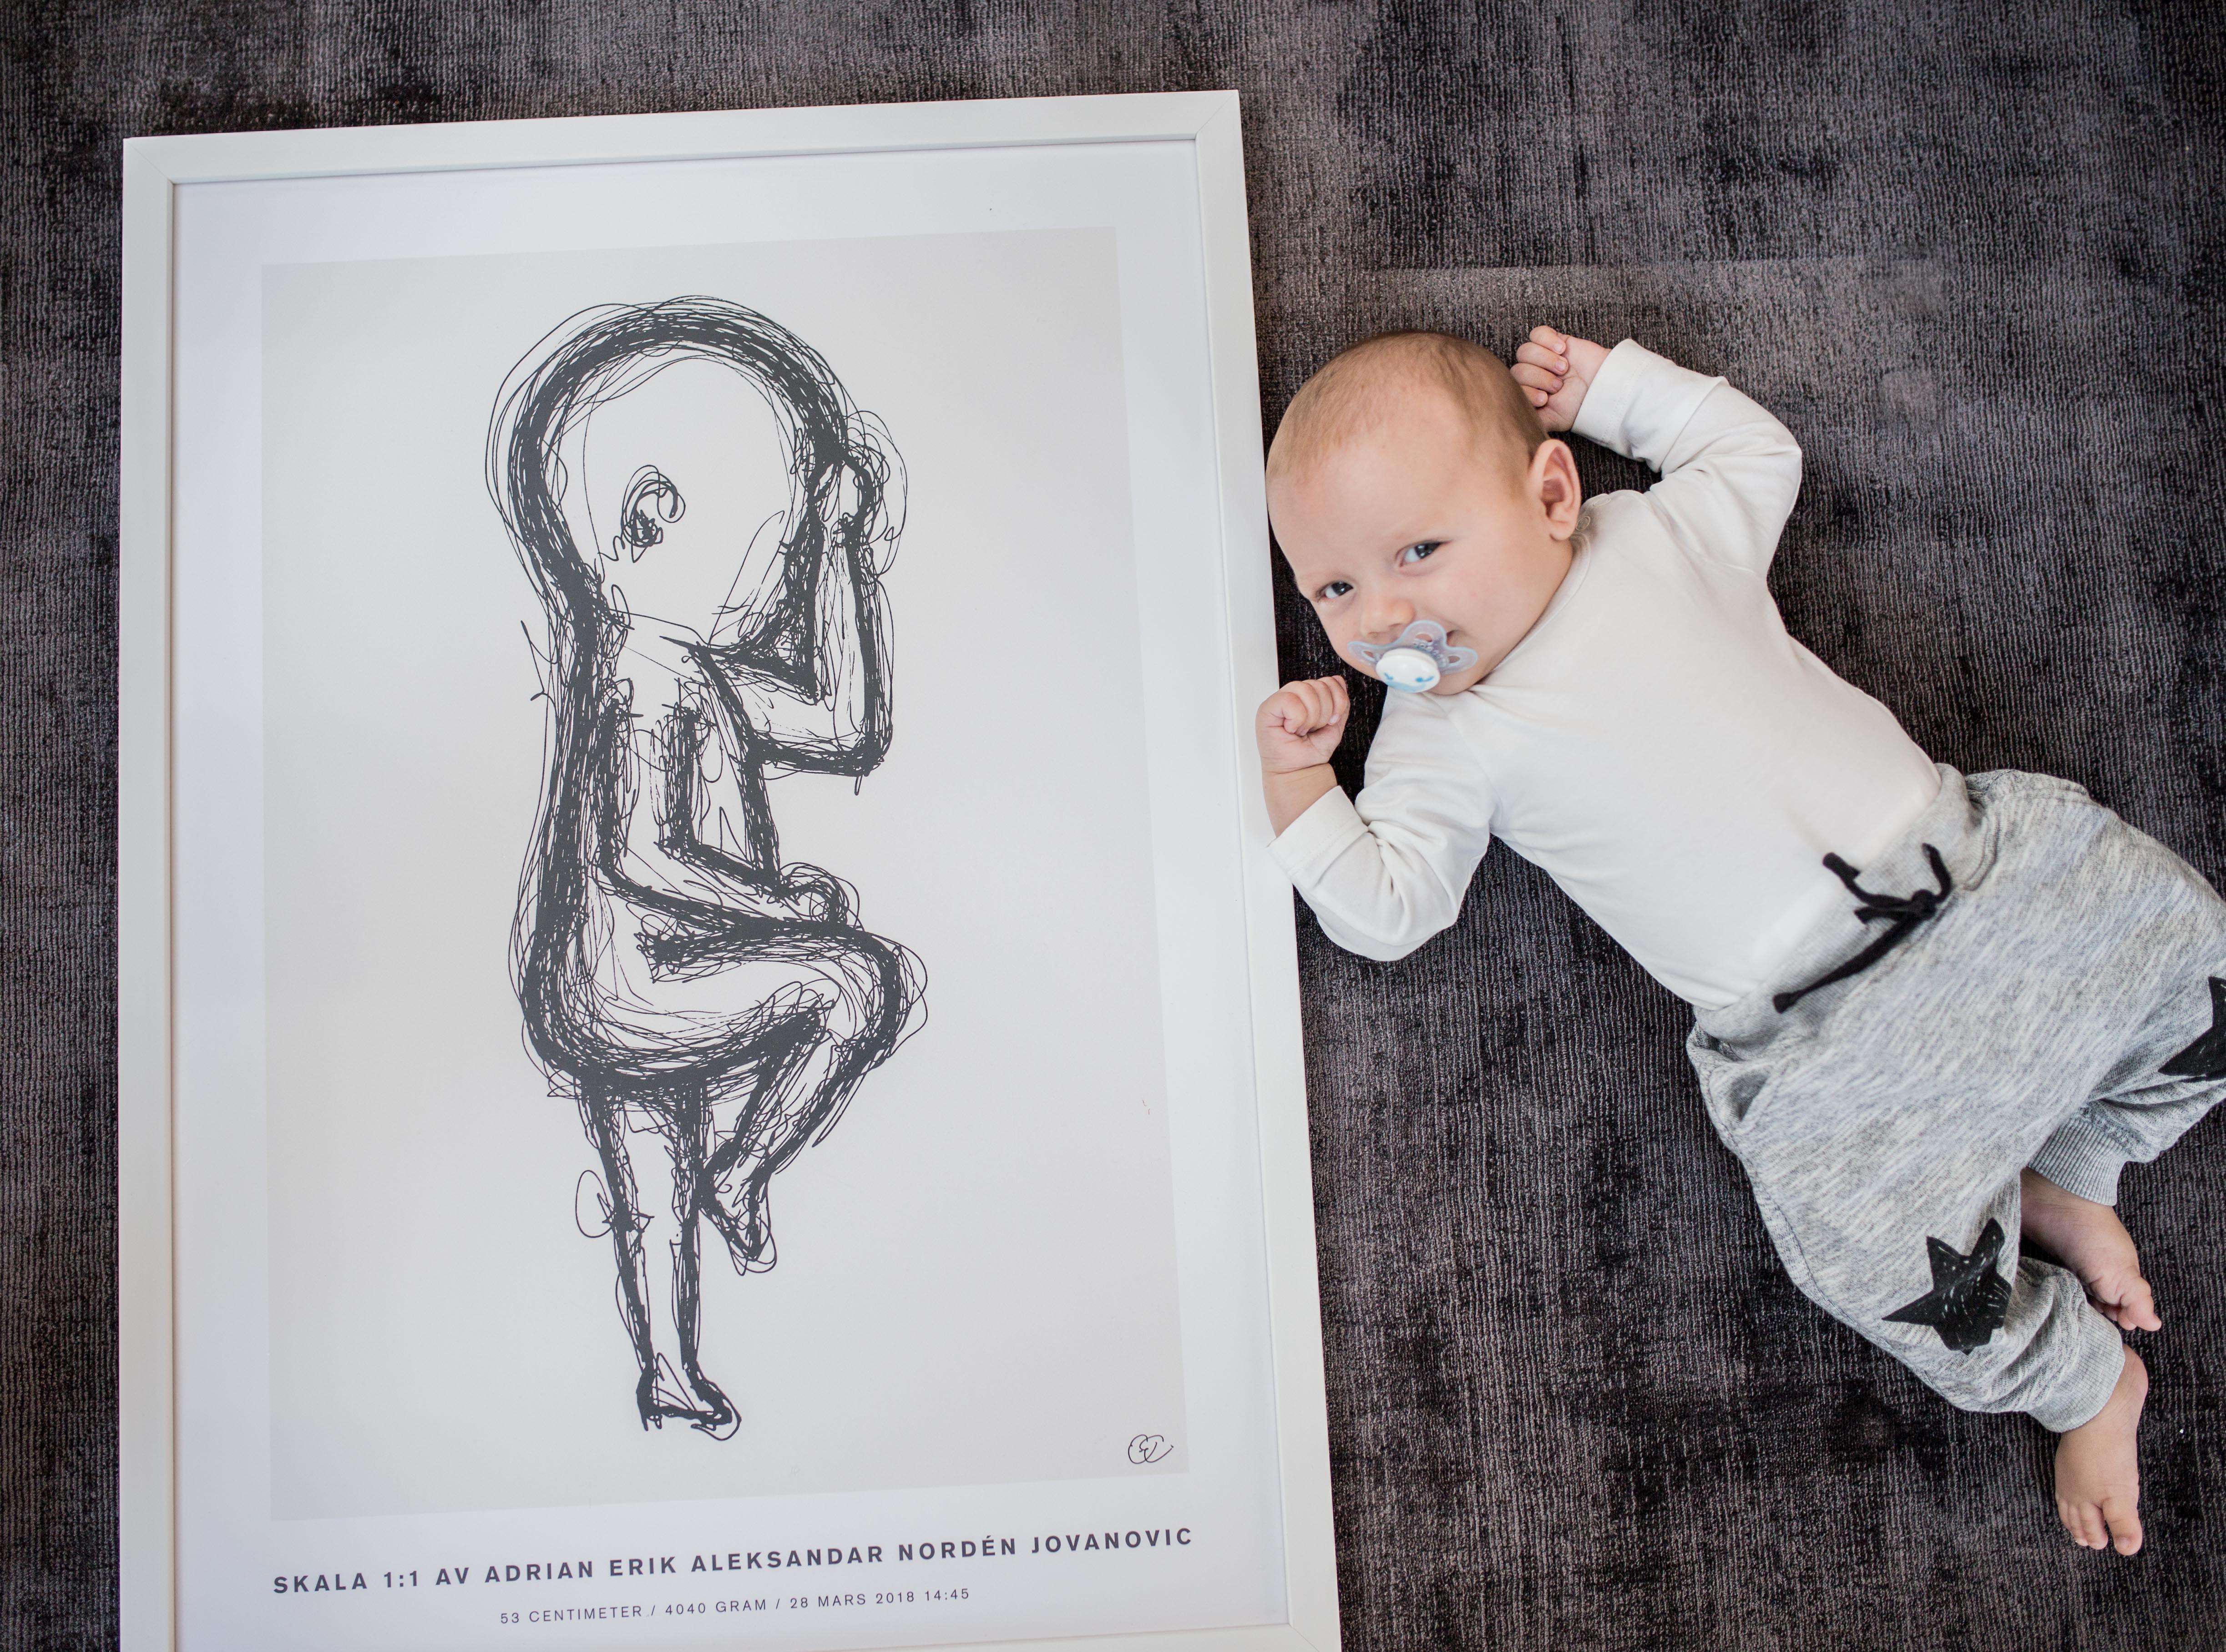 Personlig Födelsetavla – en fin inredningsdetalj av ditt barn